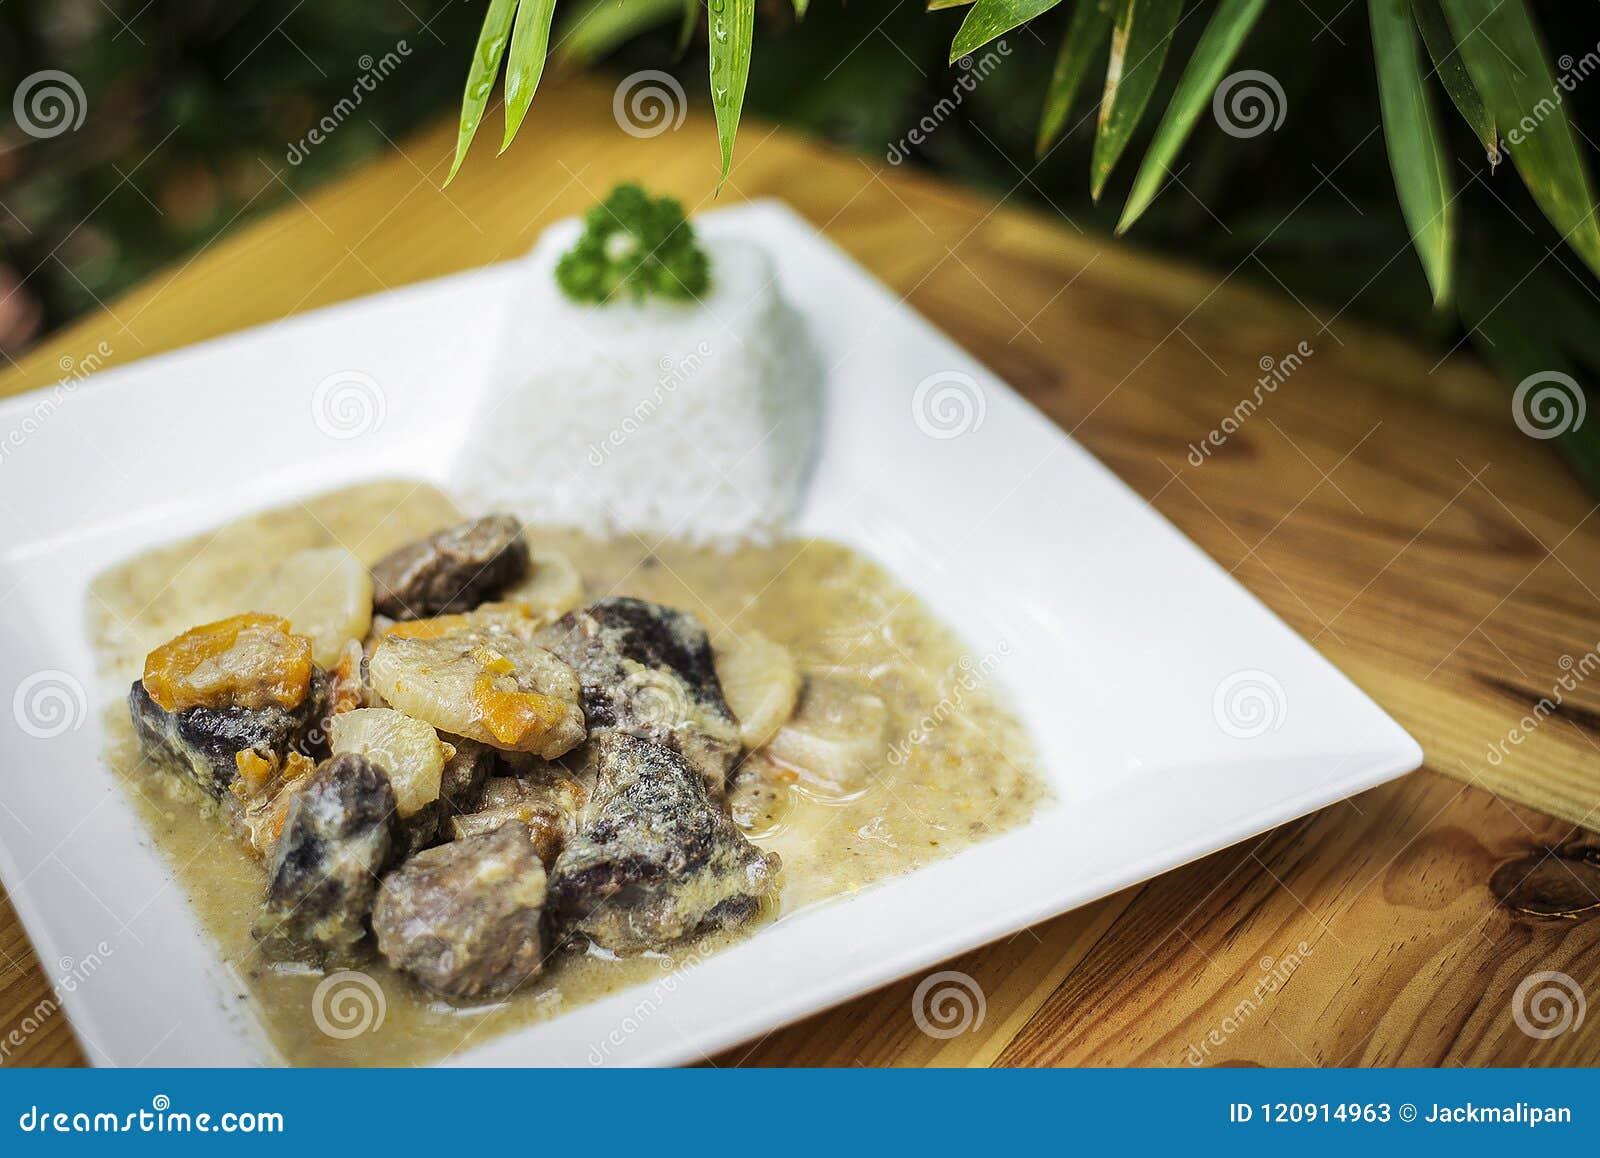 在板材的有机牛肉和德国泡菜奶油色菜炖煮的食物